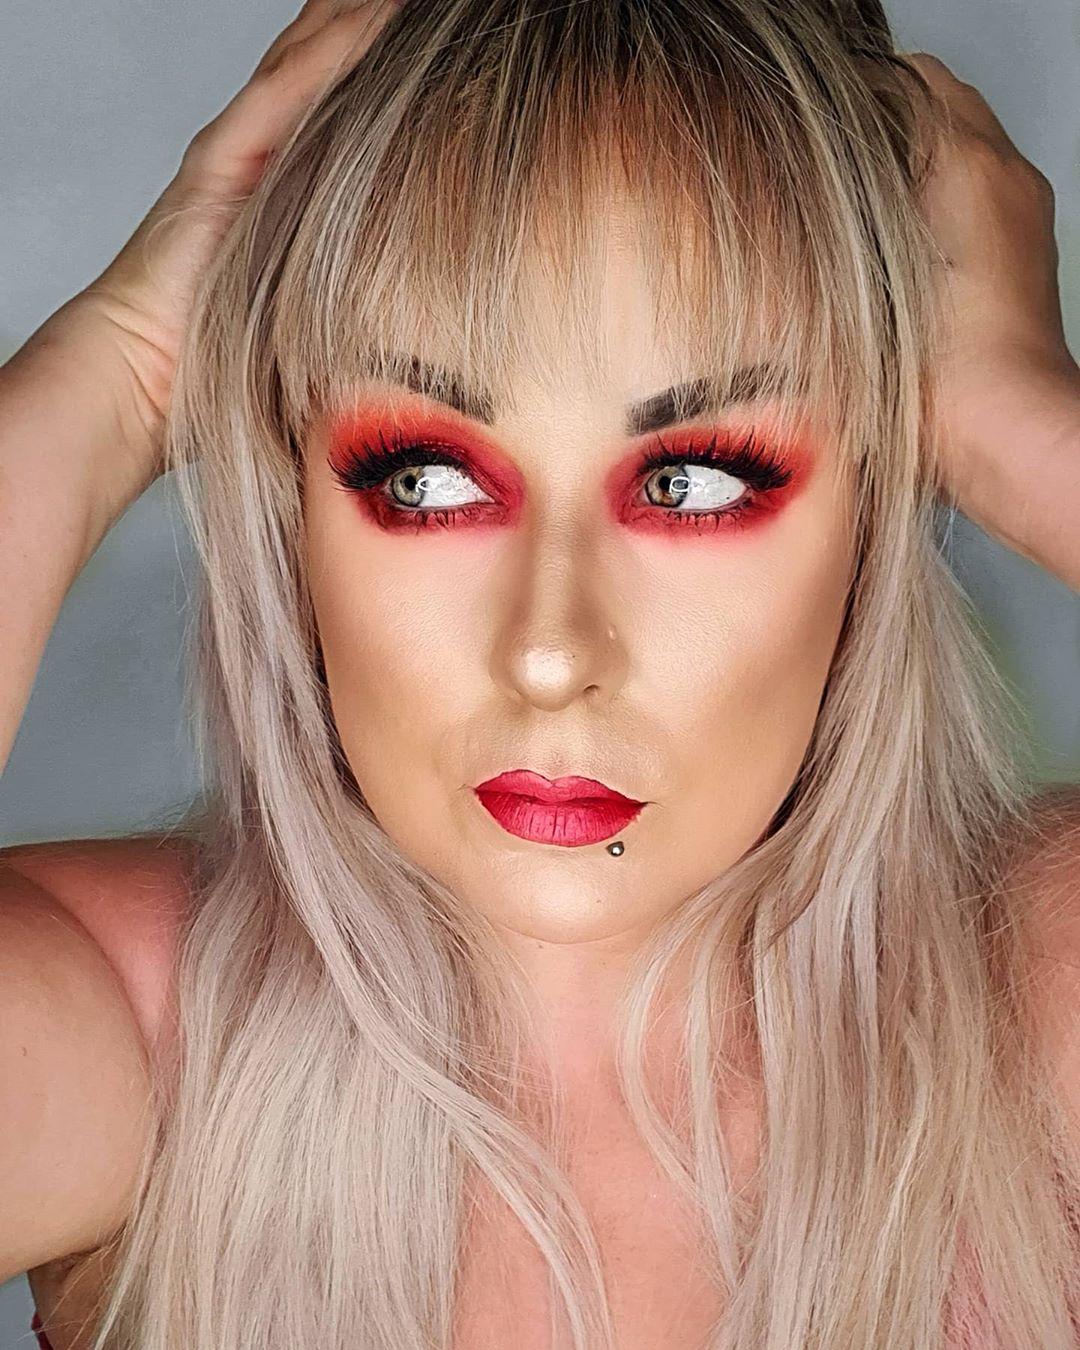 maquiagem com sombra vermelha 49